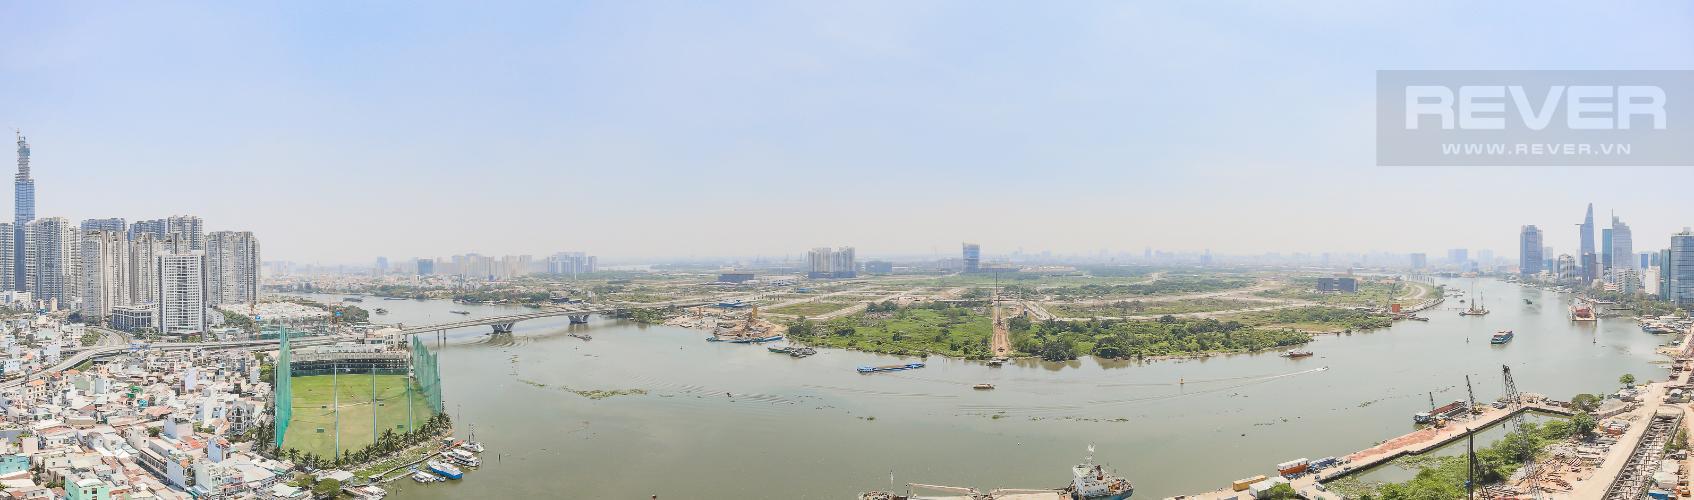 View Căn hộ Vinhomes Golden River 3 phòng ngủ tầng cao Aqua 4 view sông